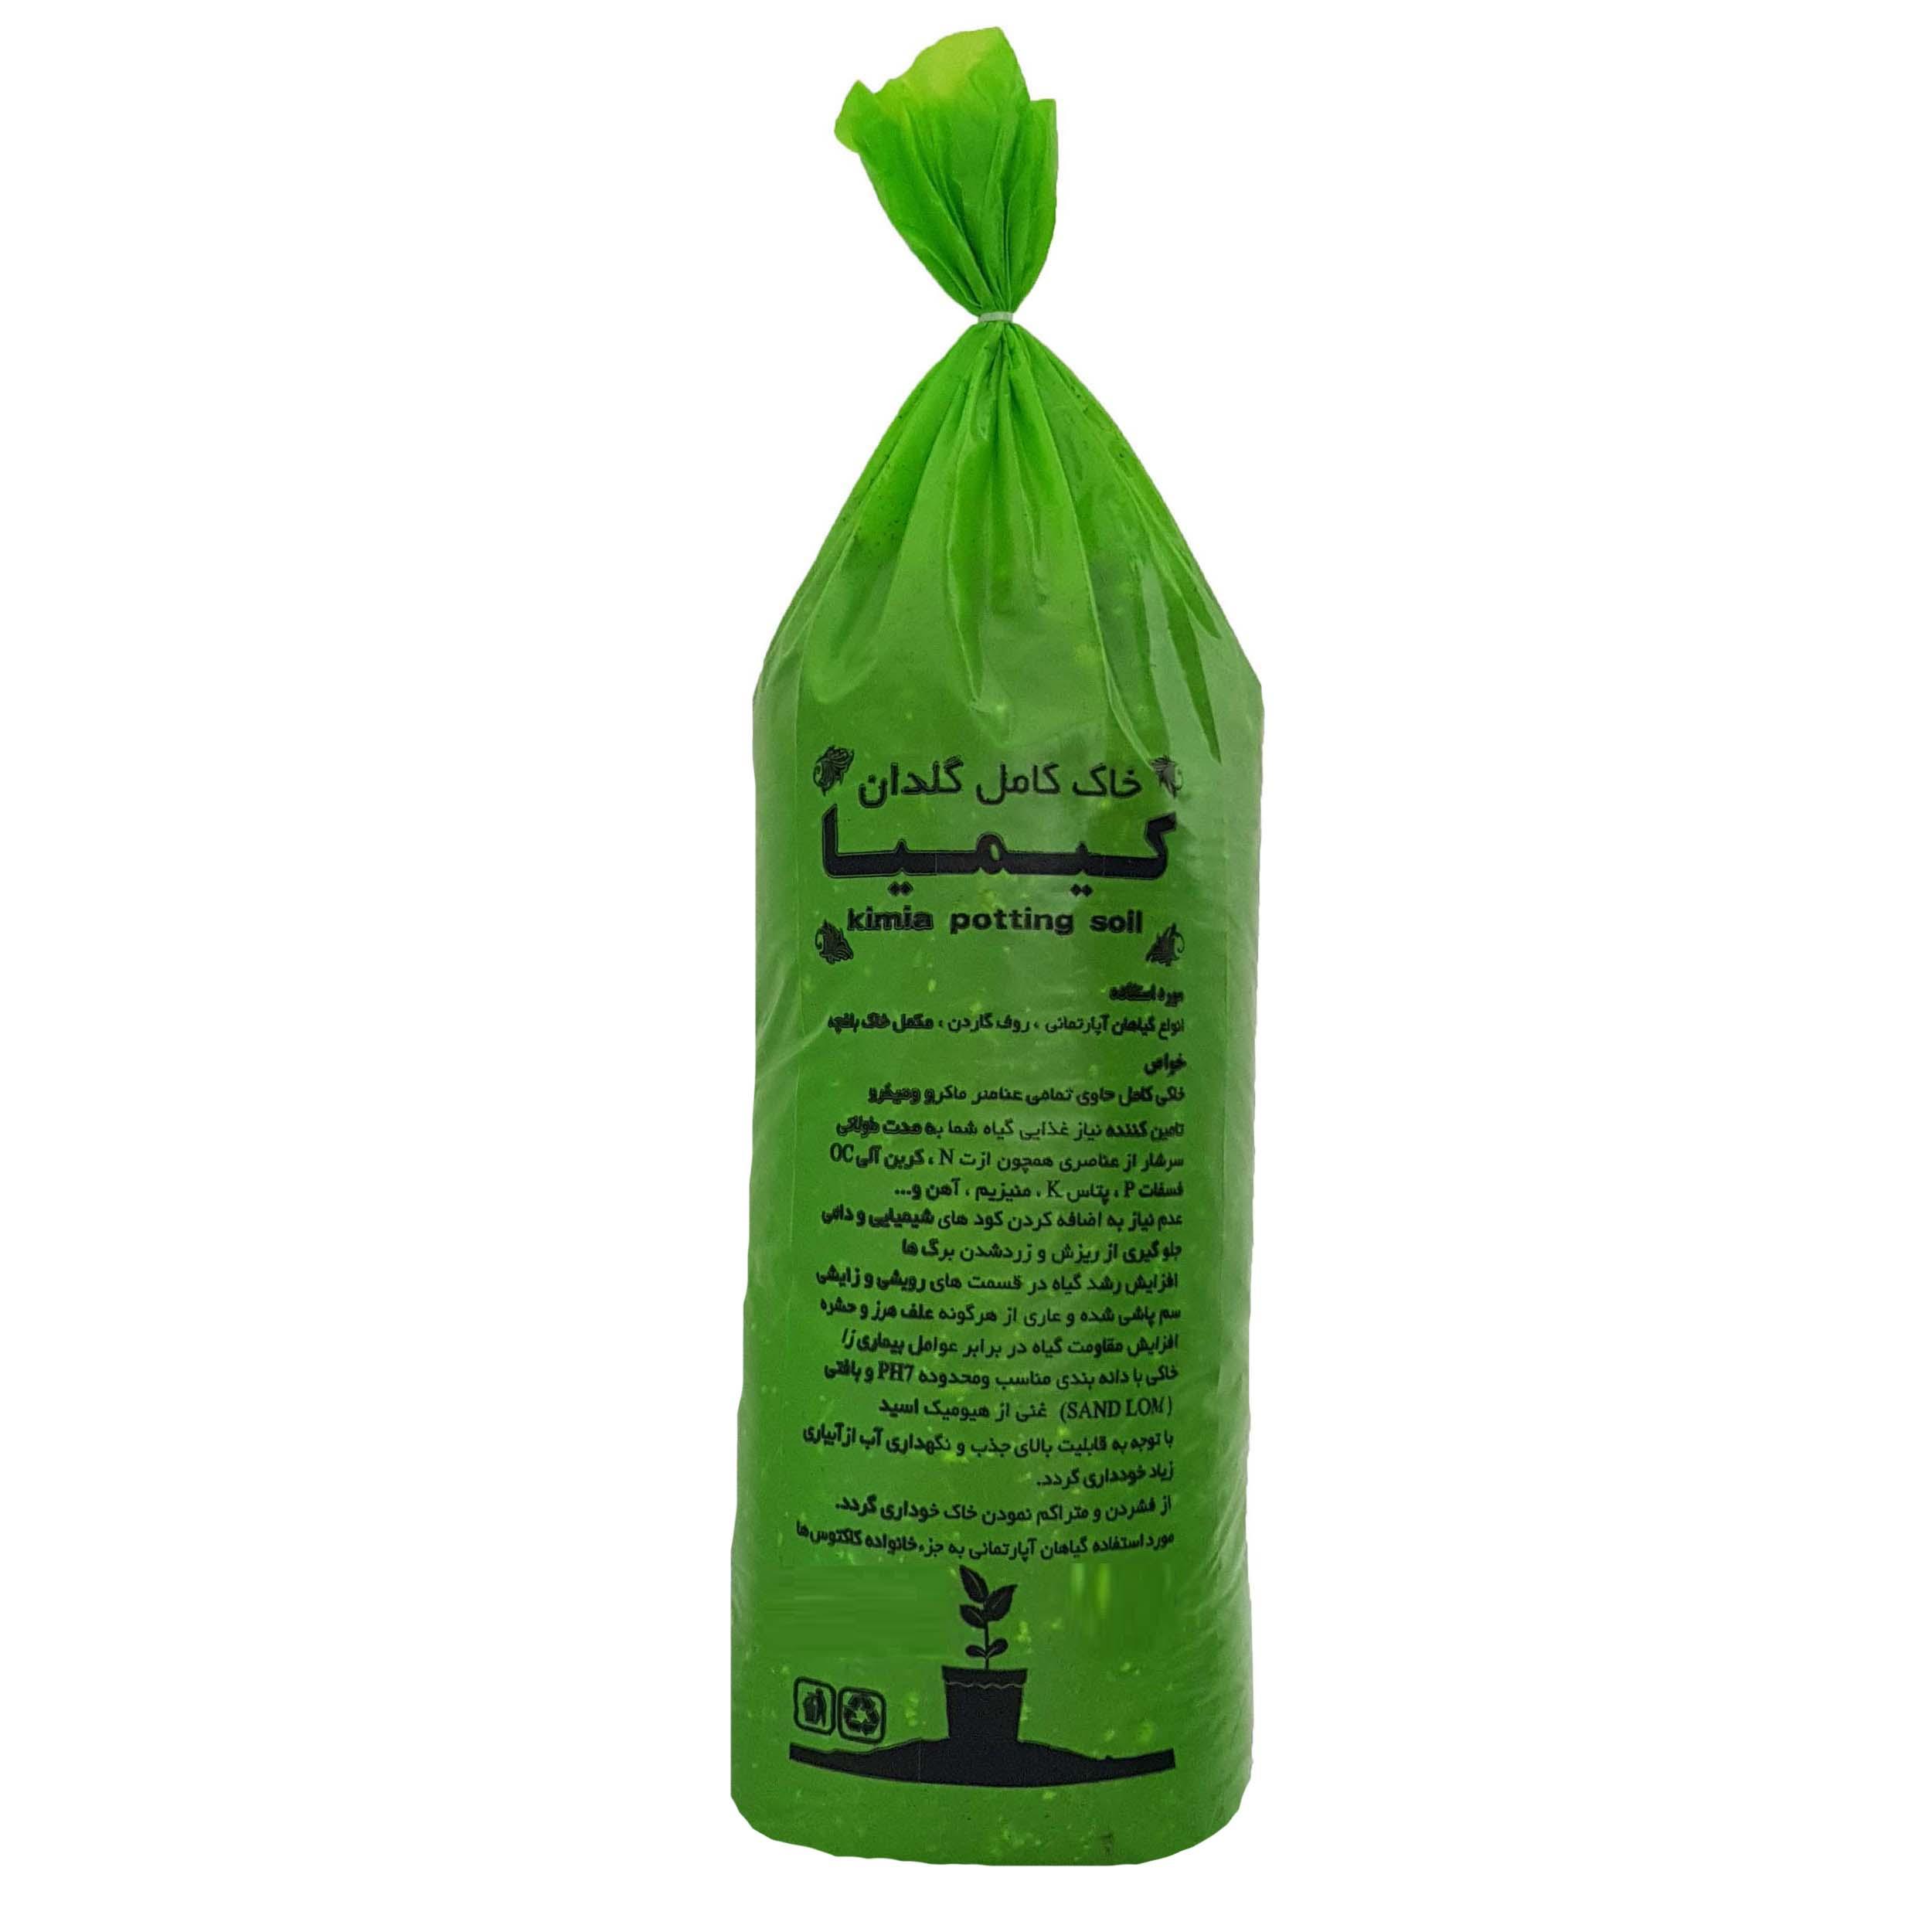 خاک گلدان کیمیا مدل G-T 8 وزن 6 کیلوگرم